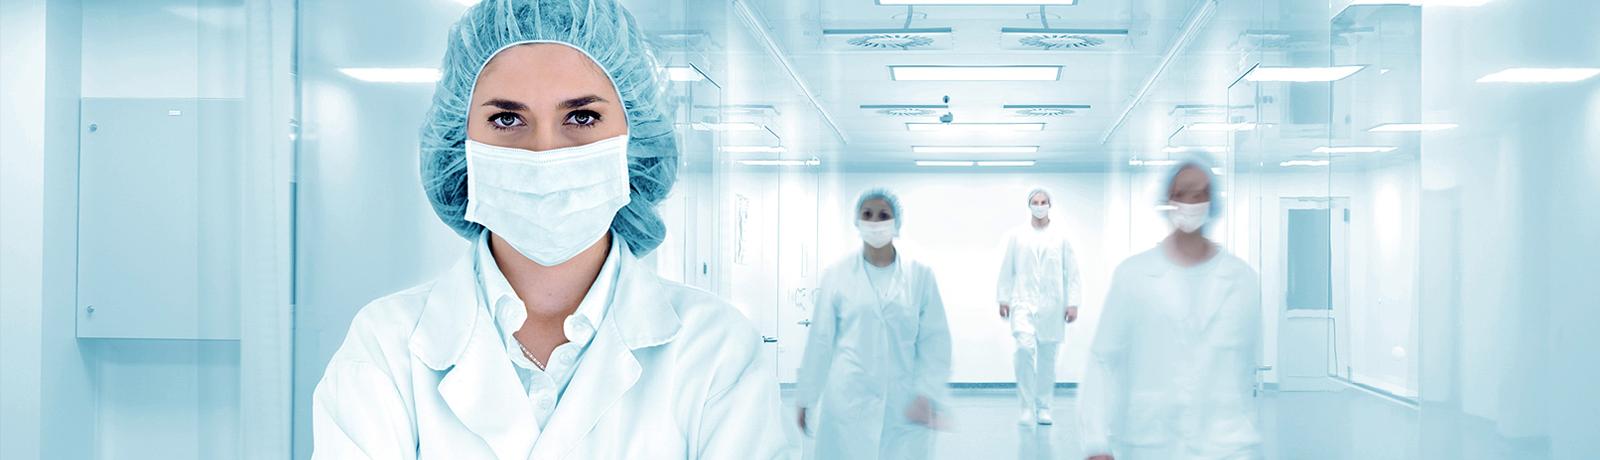 chirurgie esthetqiue Tunisie